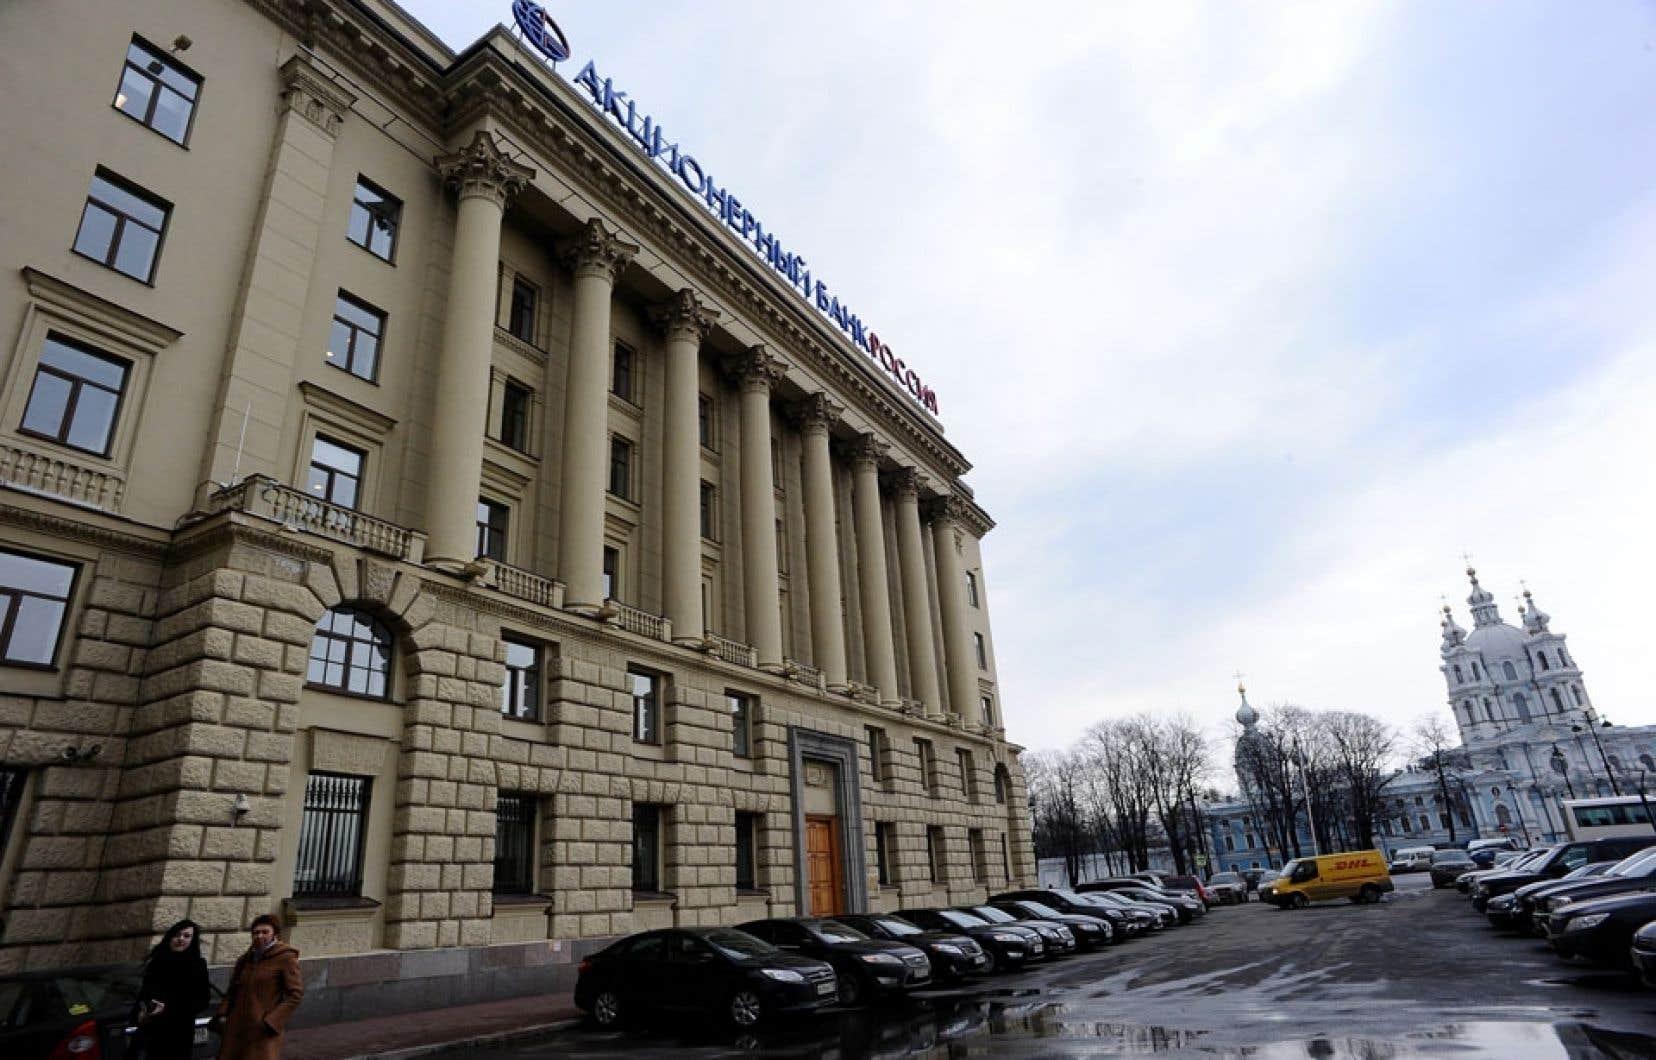 À Saint-Petersbourg, le siège social de la banque Rossia, contrôlée par Iouri Kovaltchouk, «le banquier personnel des hauts responsables en Russie».